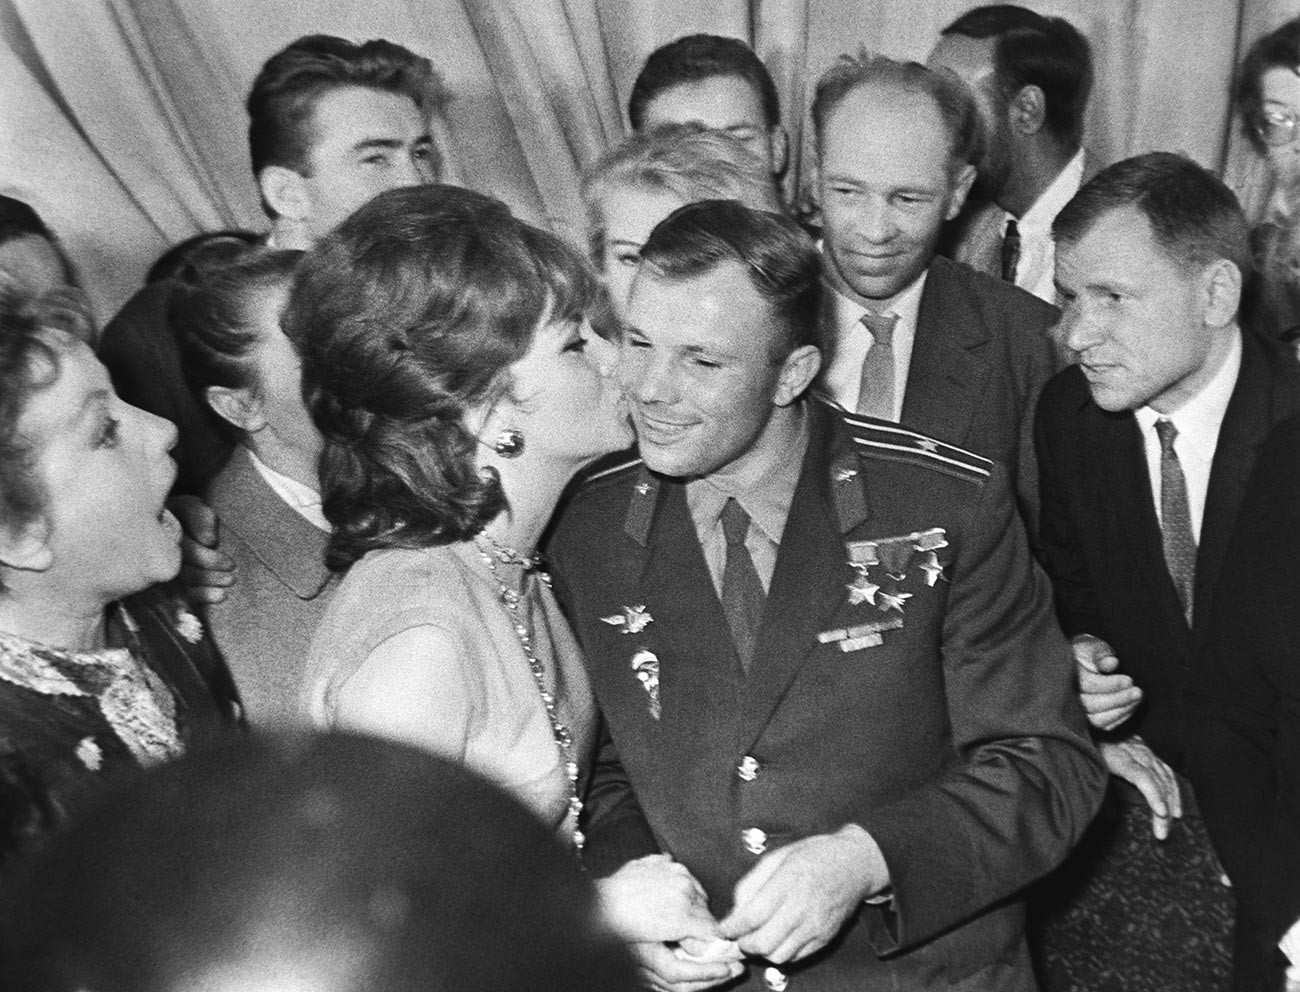 L'actrice italienne Gina Lollobrigida, venue au festival du cinéma de Moscou, drague ouvertement Gagarine, dont le sourire faisait tomber toutes les femmes soviétiques